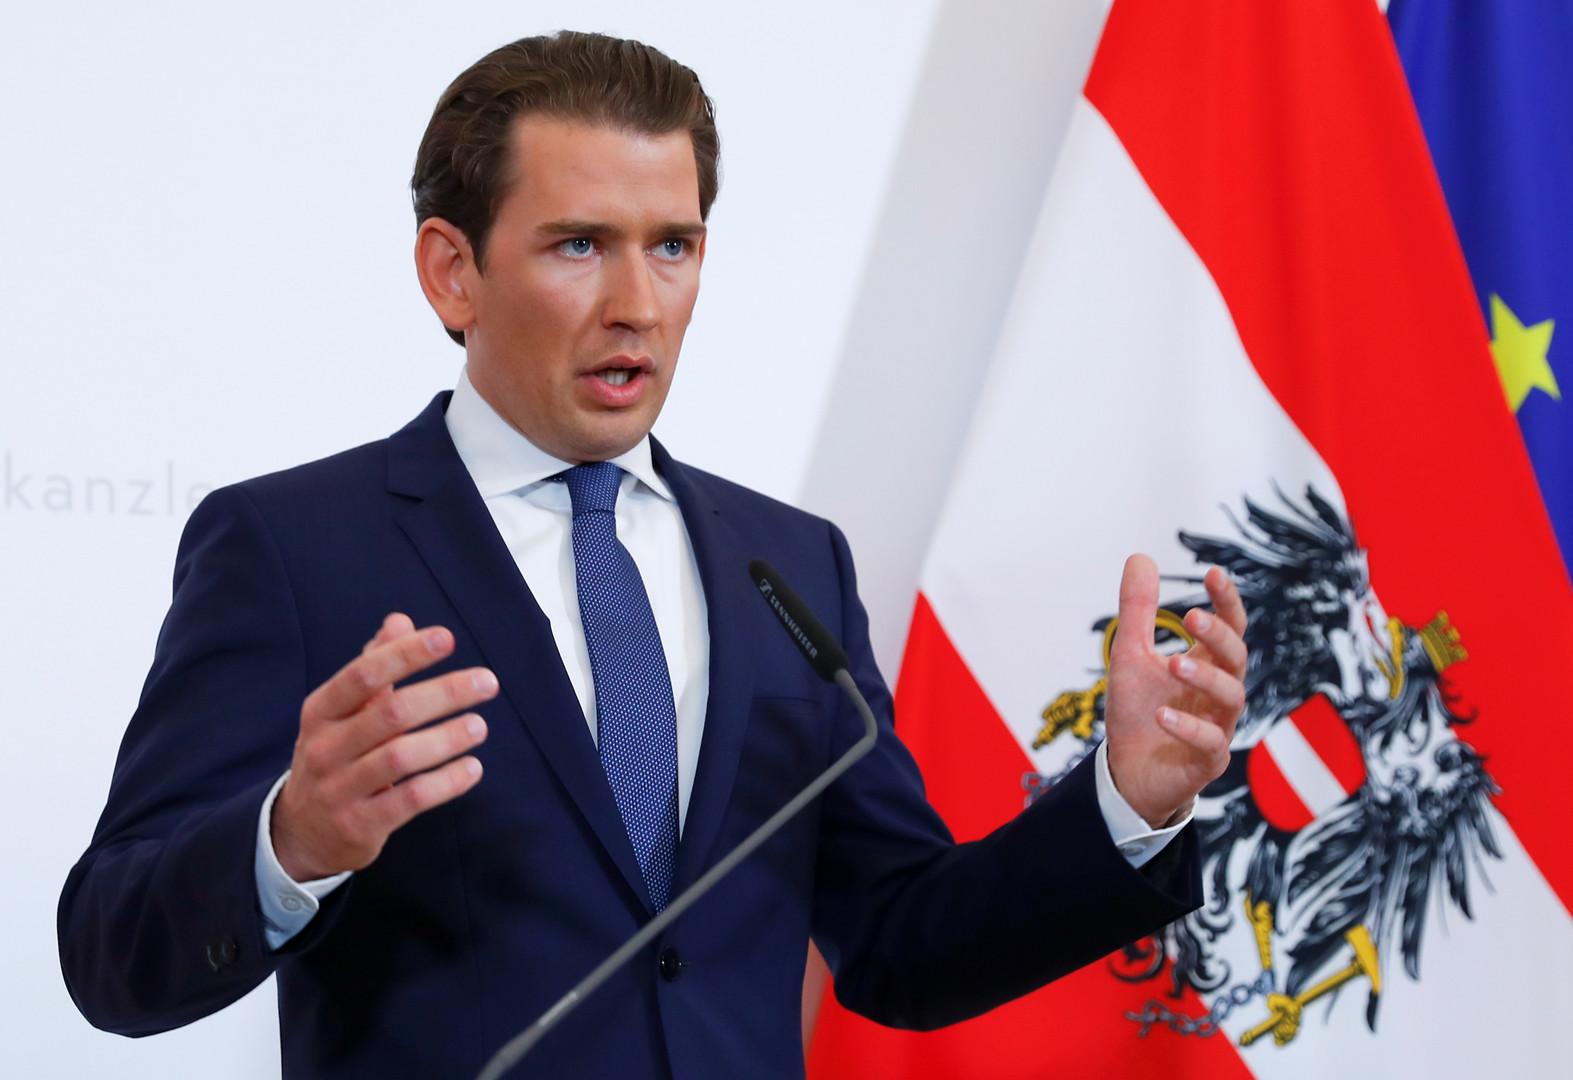 مستشار النمسا يعلن إجراء انتخابات مبكرة إثر فضيحة حول نائبه من معسكر اليمين الشعبوي